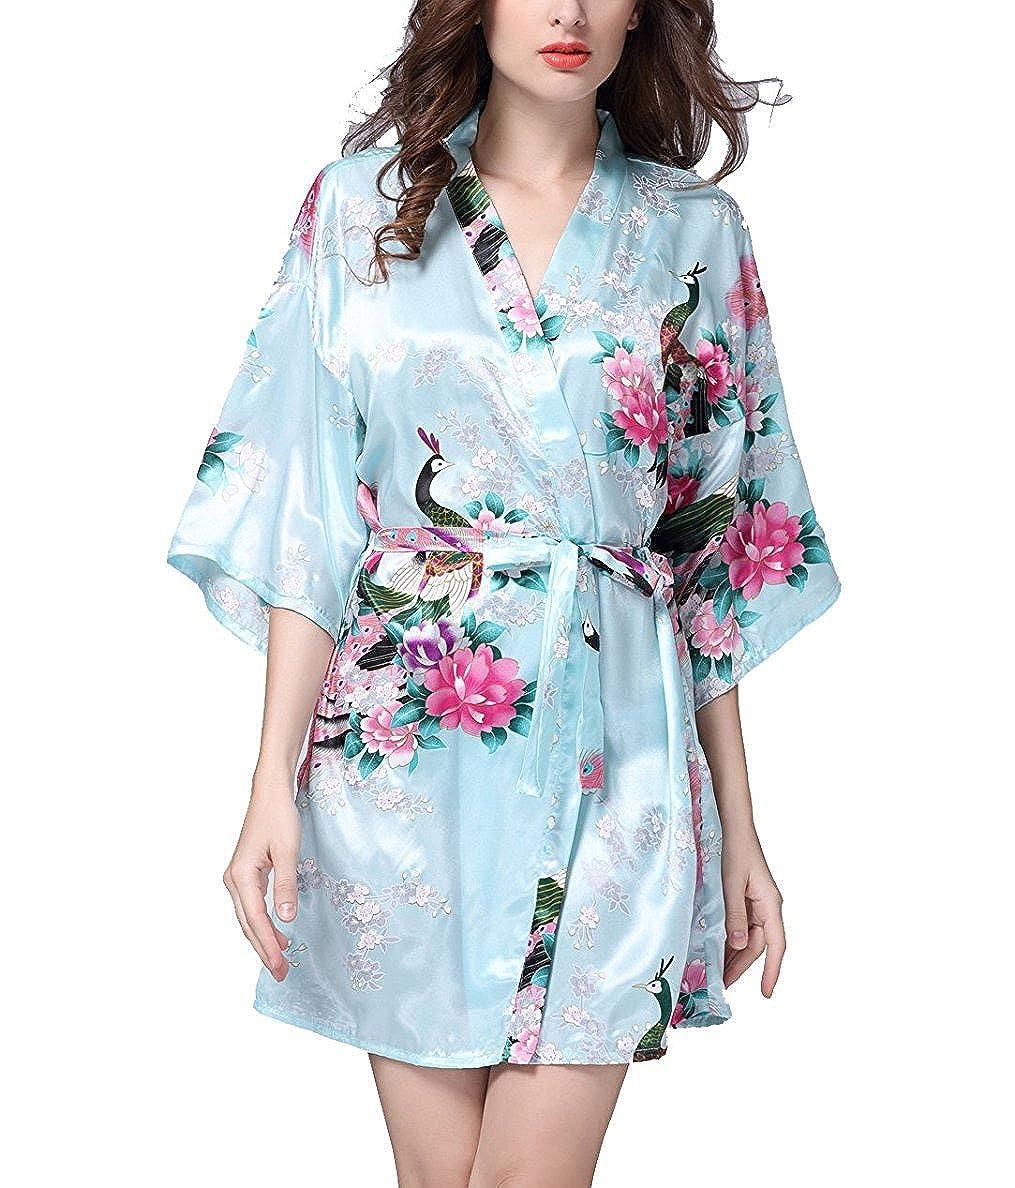 Hammia Donna Vestaglie Scollo a V Kimono Accappatoio Stampa Pavone Maniche Corto da Notte in Raso Con Cintura, Pavone Esotici, Raso Fiore. Pigiama